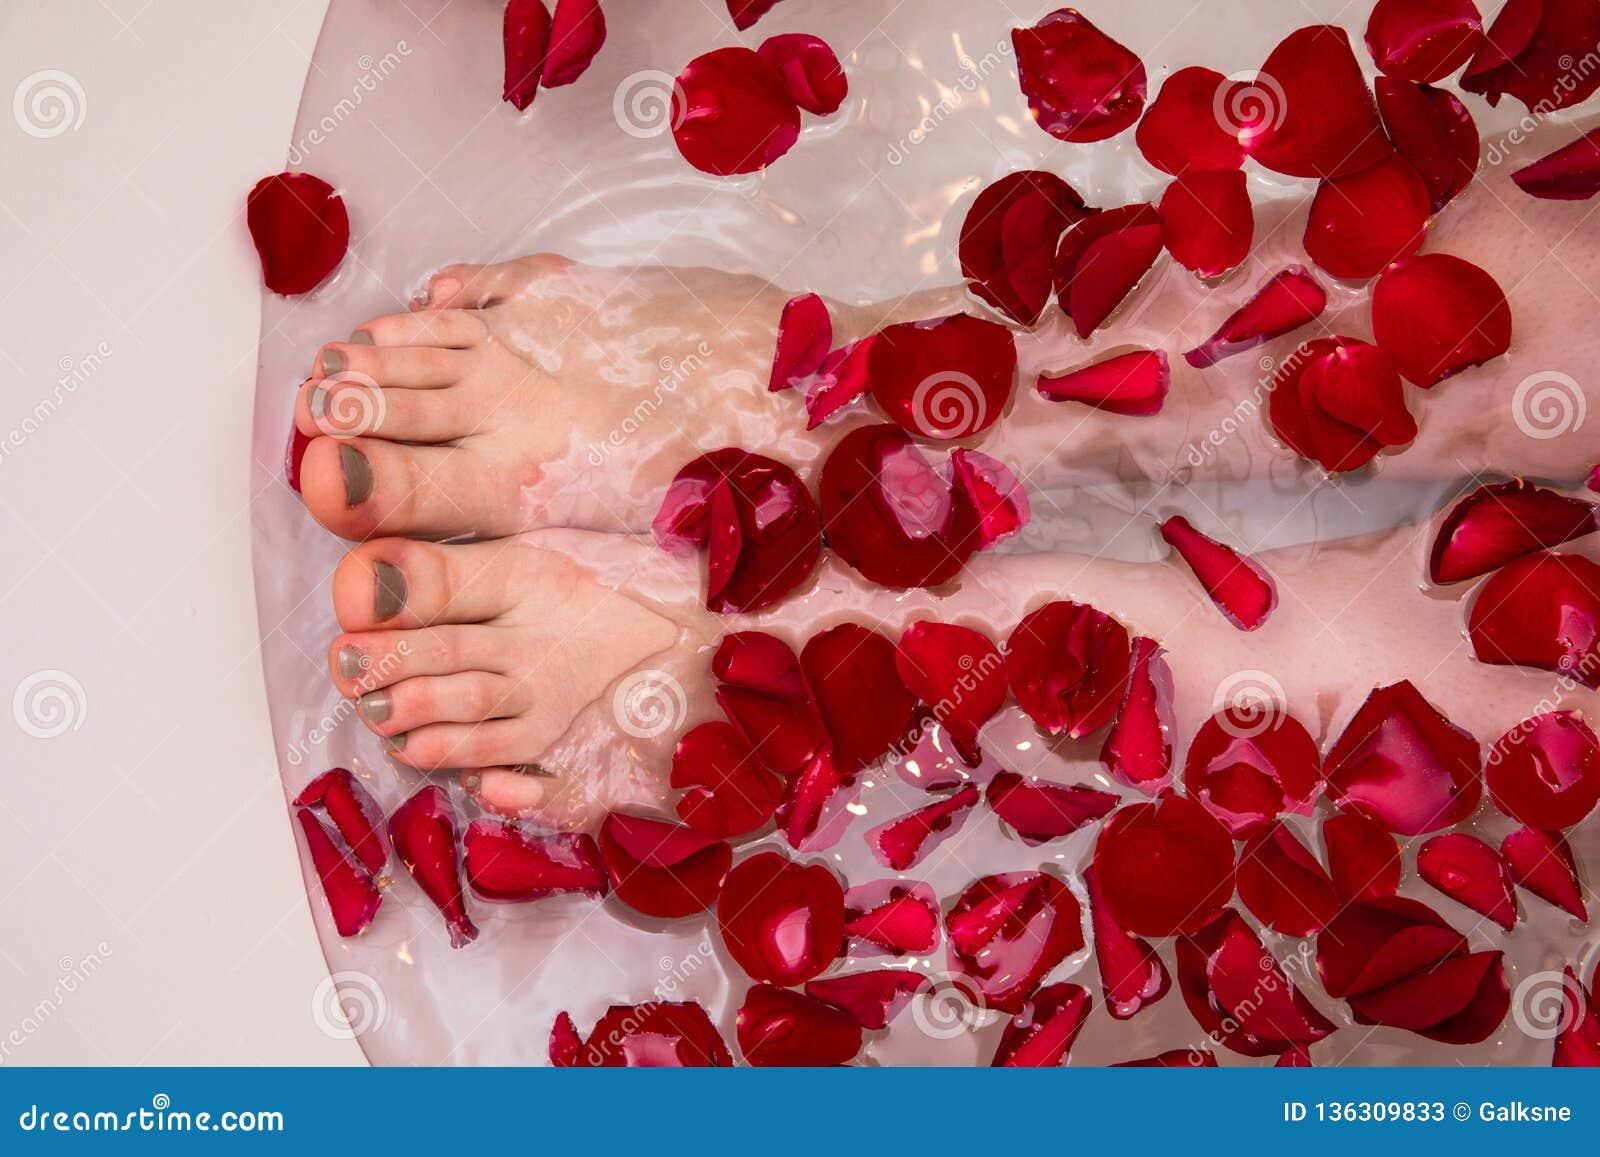 Bagno Romantico San Valentino : Bagno romantico con i petails rosa stazione termale domestica